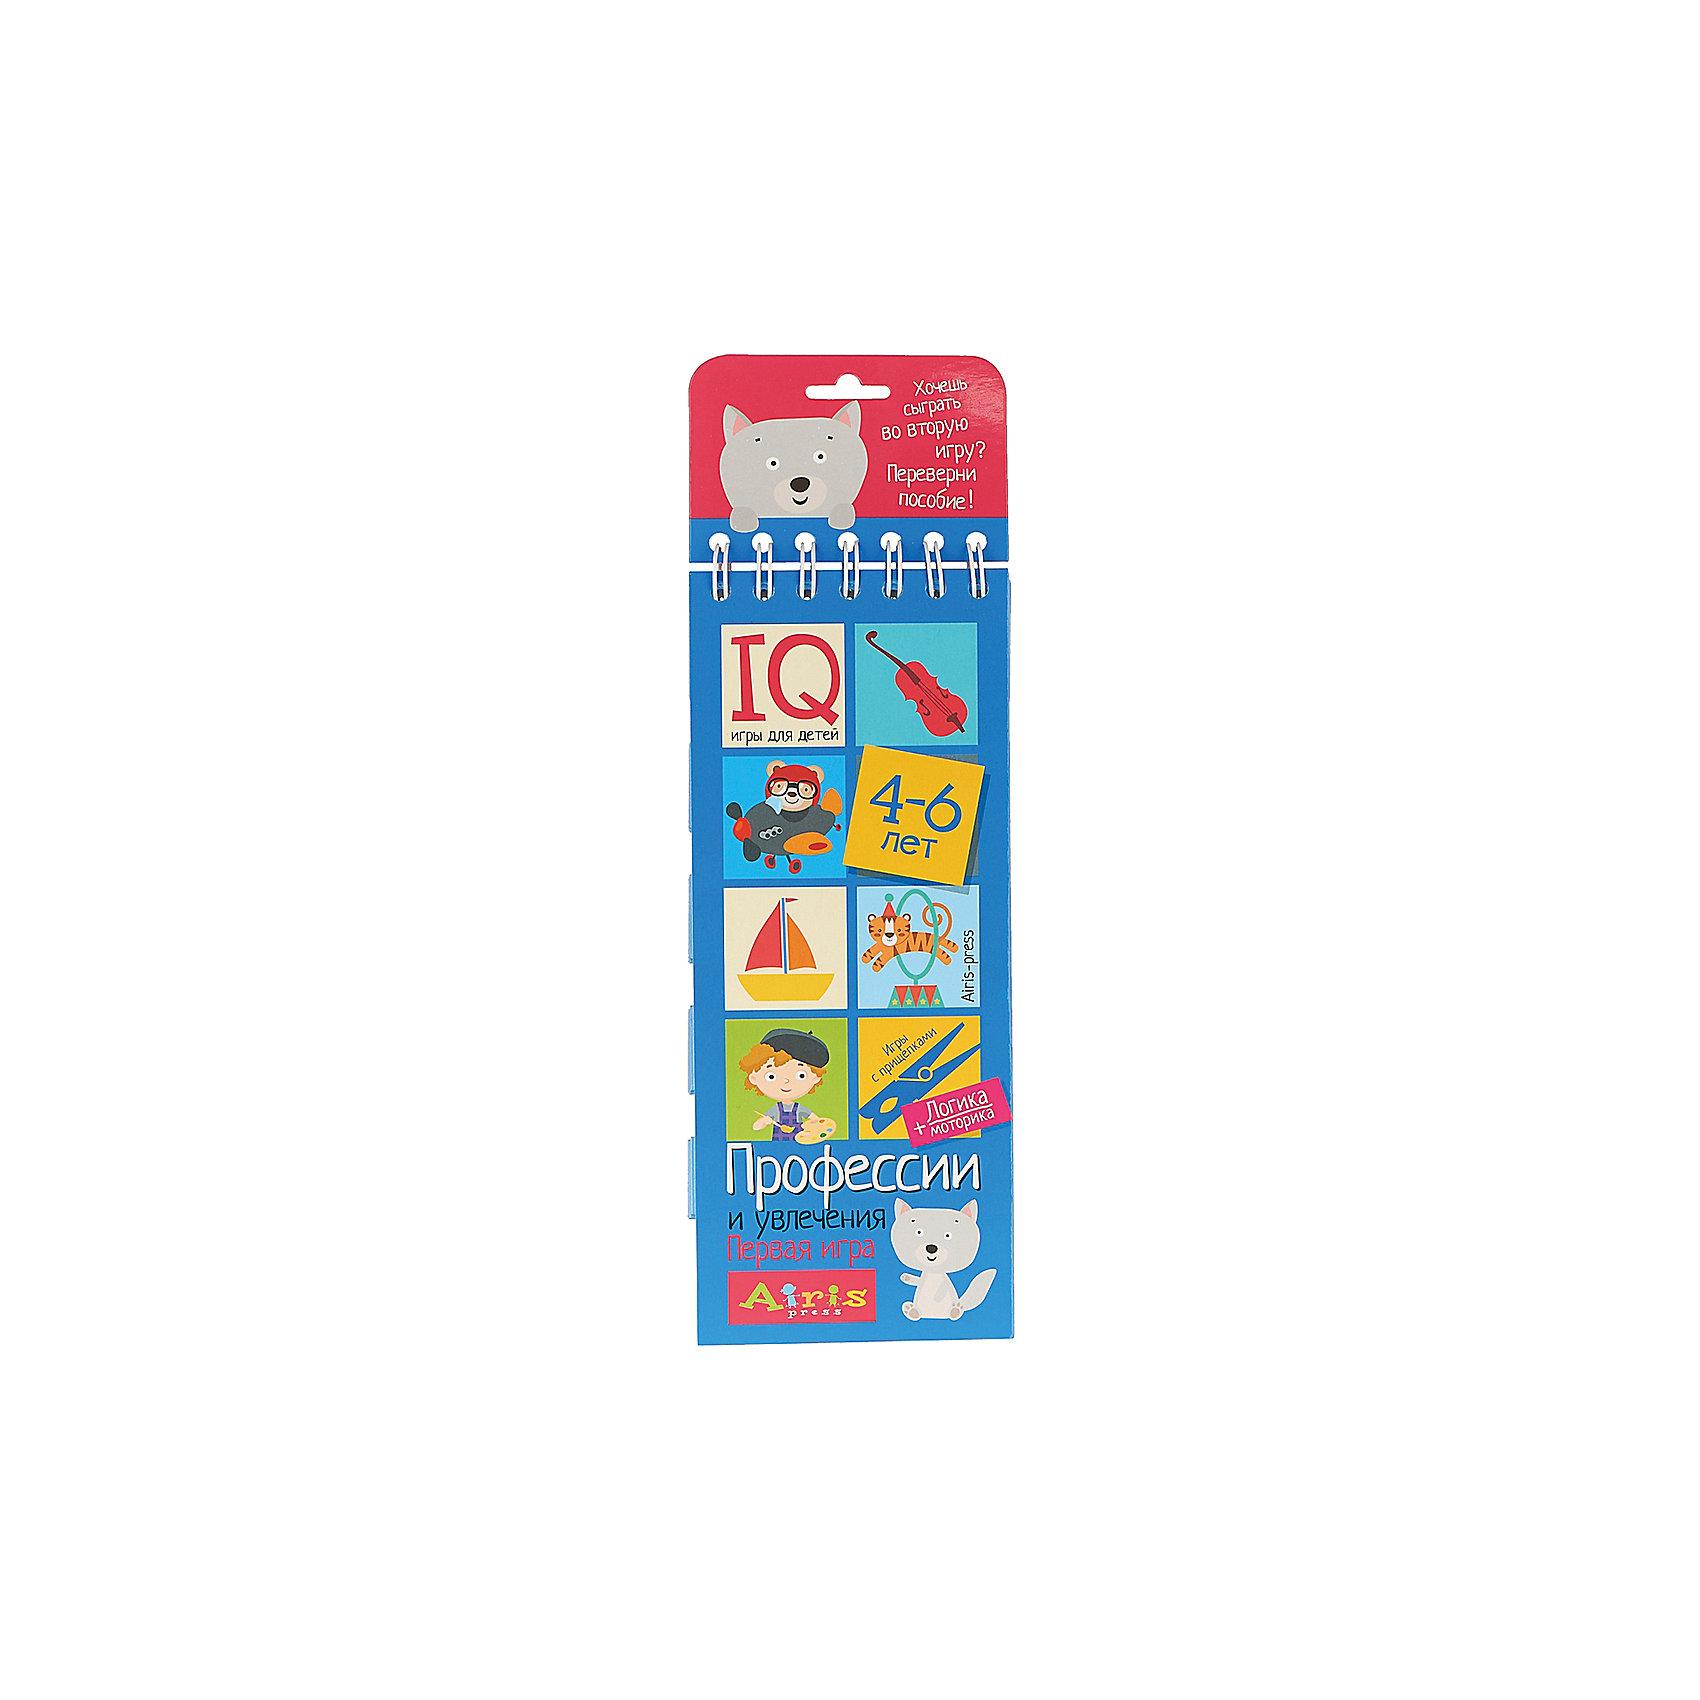 Игры с прищепками Профессии и увлеченияКниги для развития мышления<br>«Профессии и увлечения» – это игровой комплект, который  расширяет представления ребёнка о профессиях, инструментах, профессиональной одежде и результатах труда, развивает логику и моторику. Комплект представляет собой небольшой блокнот на пружине, состоящий из 30 картонных карточек, и 8 разноцветных прищепок. Выполняя задания на карточках-страничках, ребёнок учится анализировать, сравнивать, искать логические связи. Прикрепляя прищепки и проходя лабиринты, он тренирует моторику и координацию движений. Проверить правильность своих ответов ребёнок сможет самостоятельно, просто проводя пальчиком по лабиринтам на оборотной стороне карточек. Простота и удобство комплекта позволяют использовать его в детском саду, дома и на отдыхе.&#13;<br>Предназначен для детей старше 4 лет.<br><br>Ширина мм: 15<br>Глубина мм: 95<br>Высота мм: 240<br>Вес г: 155<br>Возраст от месяцев: 48<br>Возраст до месяцев: 72<br>Пол: Унисекс<br>Возраст: Детский<br>SKU: 6849562